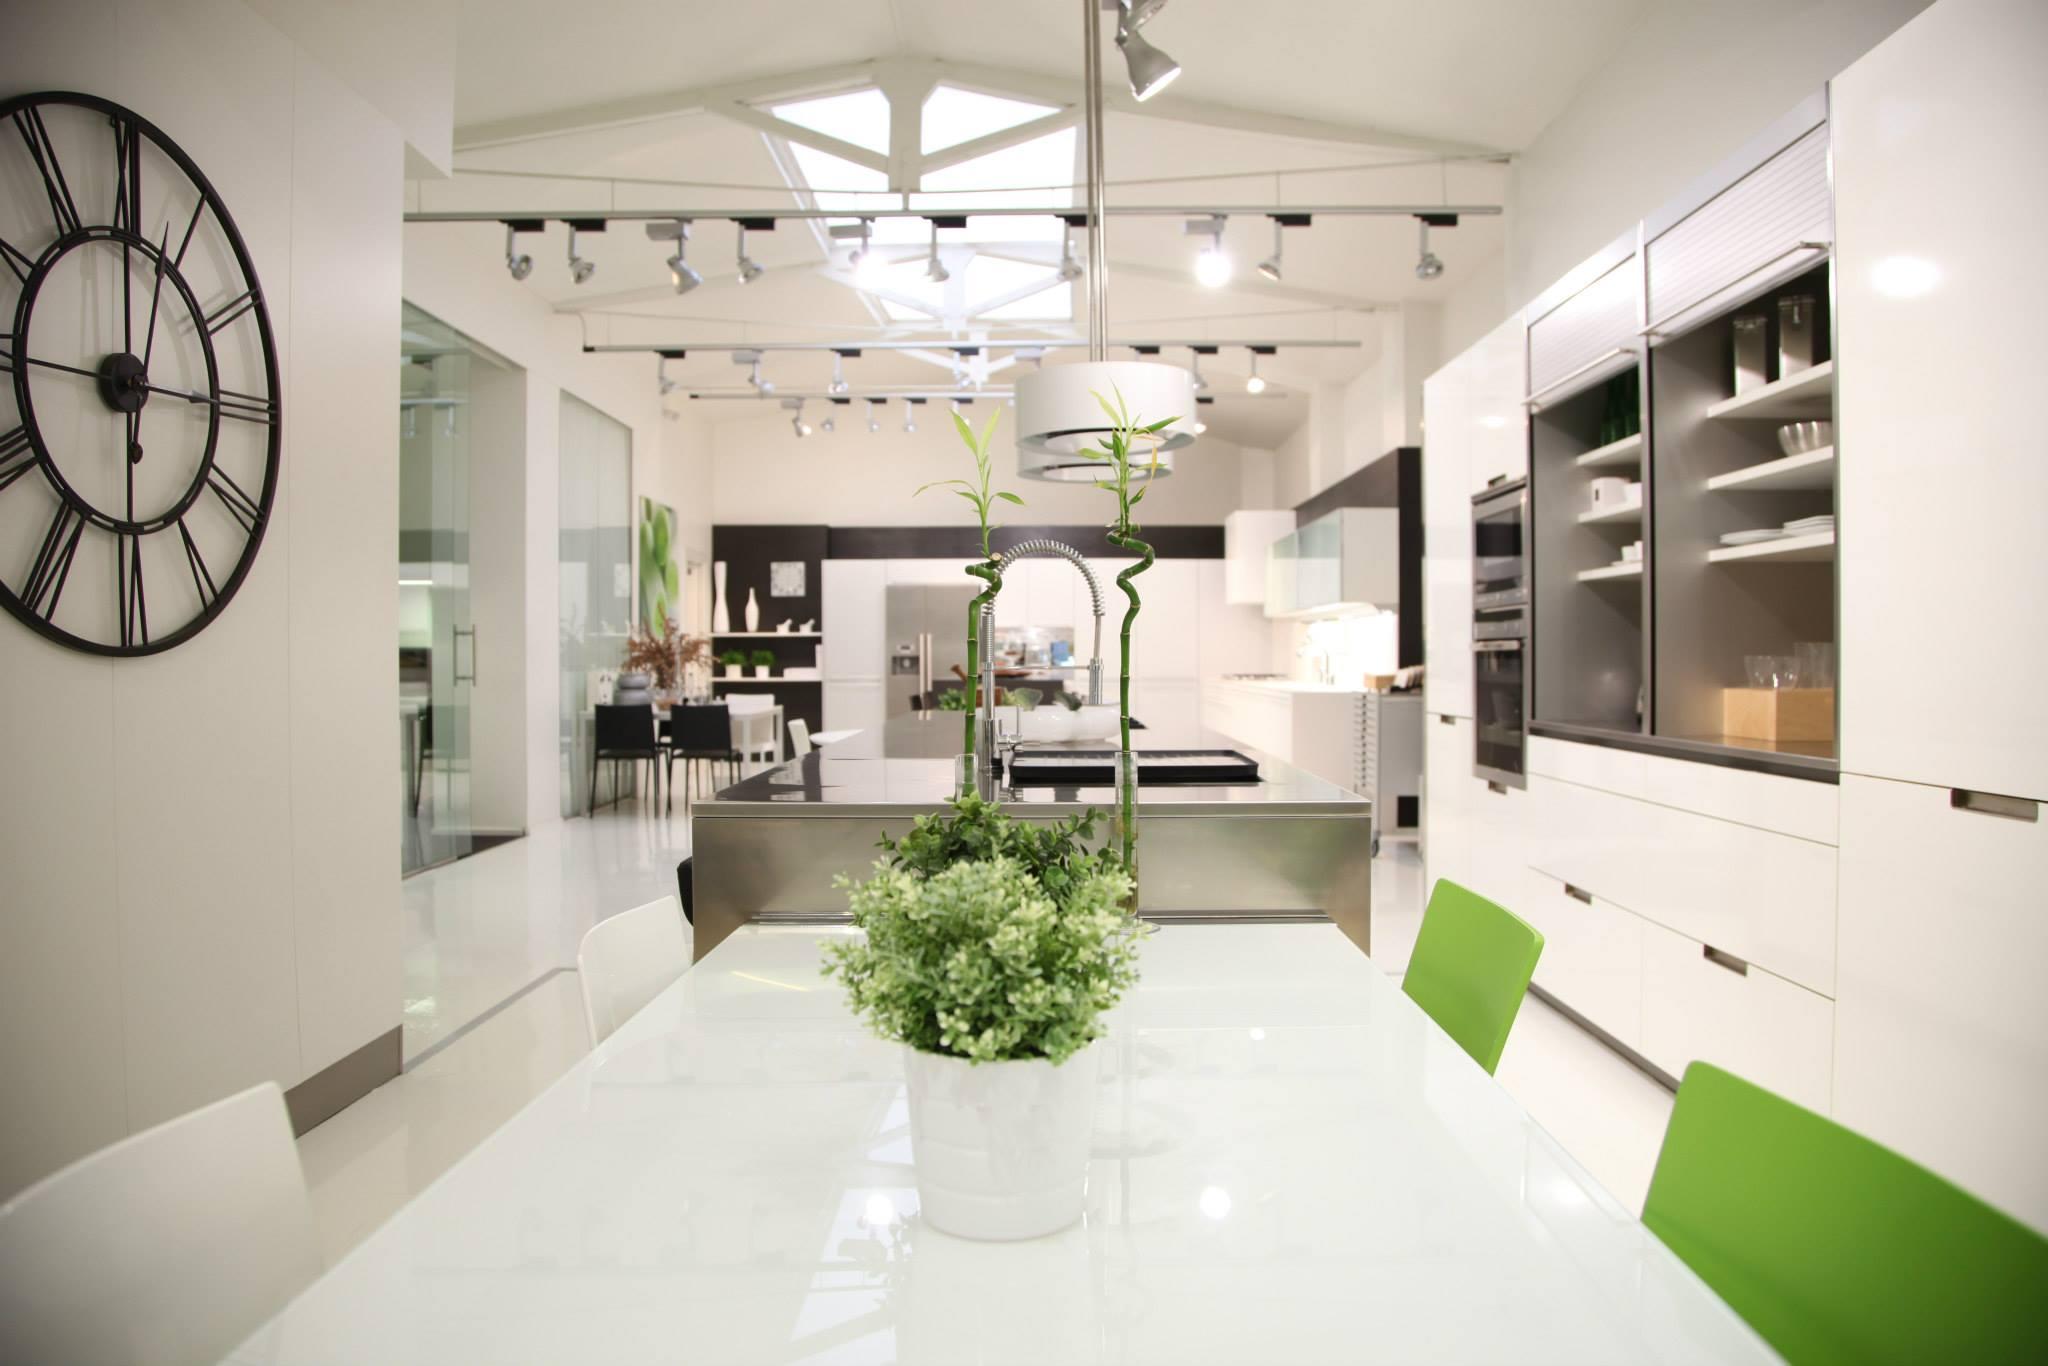 techlamencimeras-de-cocina-encimeras-porcelanicaslevantina-encimerastres-cantos-cocinas-cocinas-con-techlamespacios-techlam-5